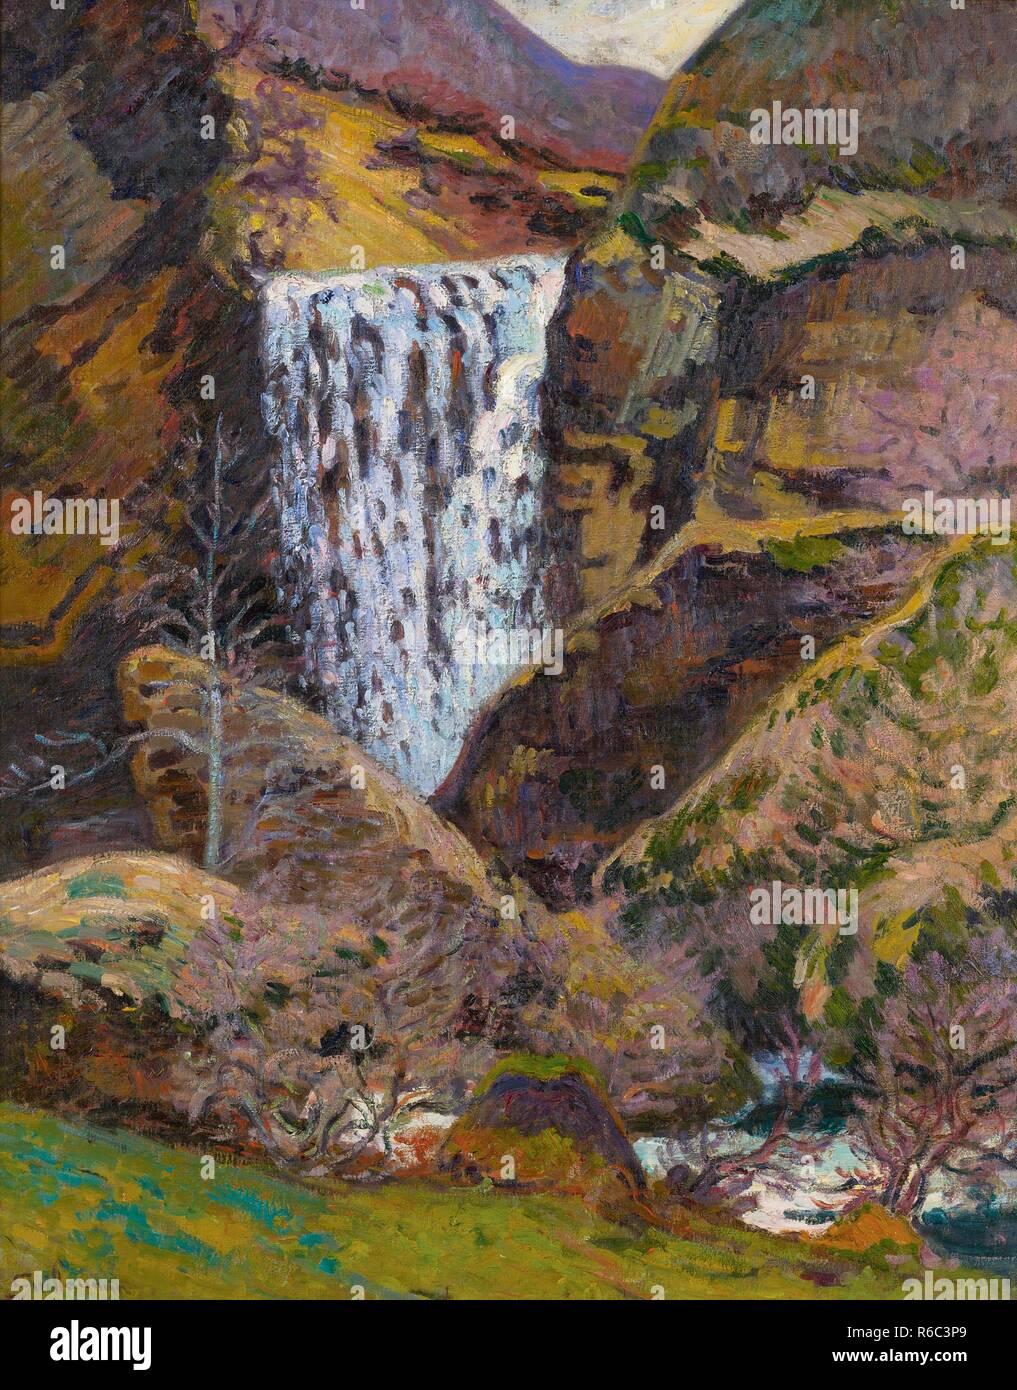 Landschaft Der Creuse 1895 Armand Guillaumin 1841 1927 Kunst